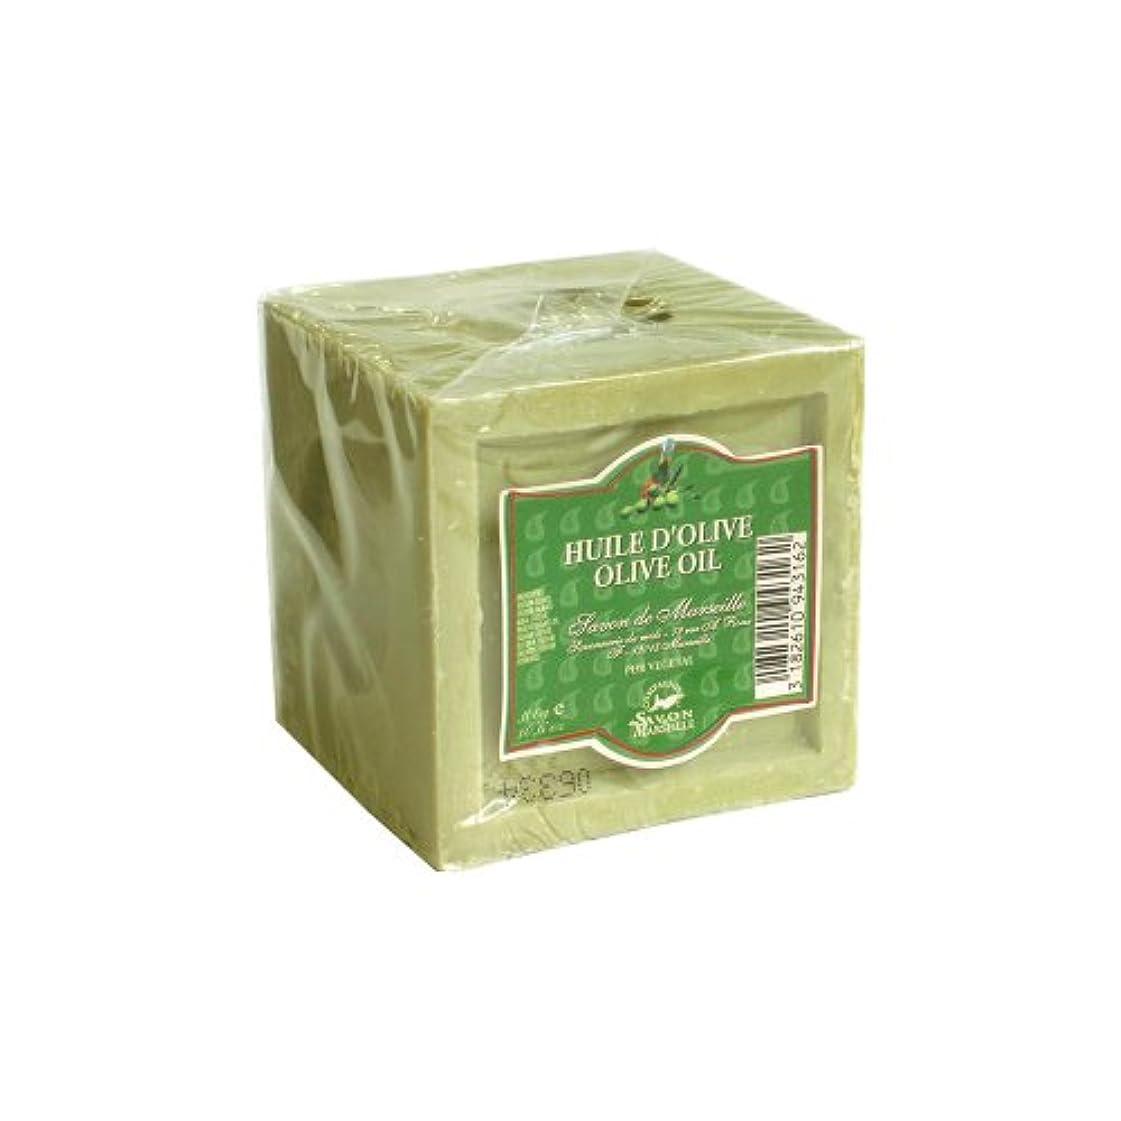 引数の面では影響力のあるマルセイユ石鹸 オリーブ300g